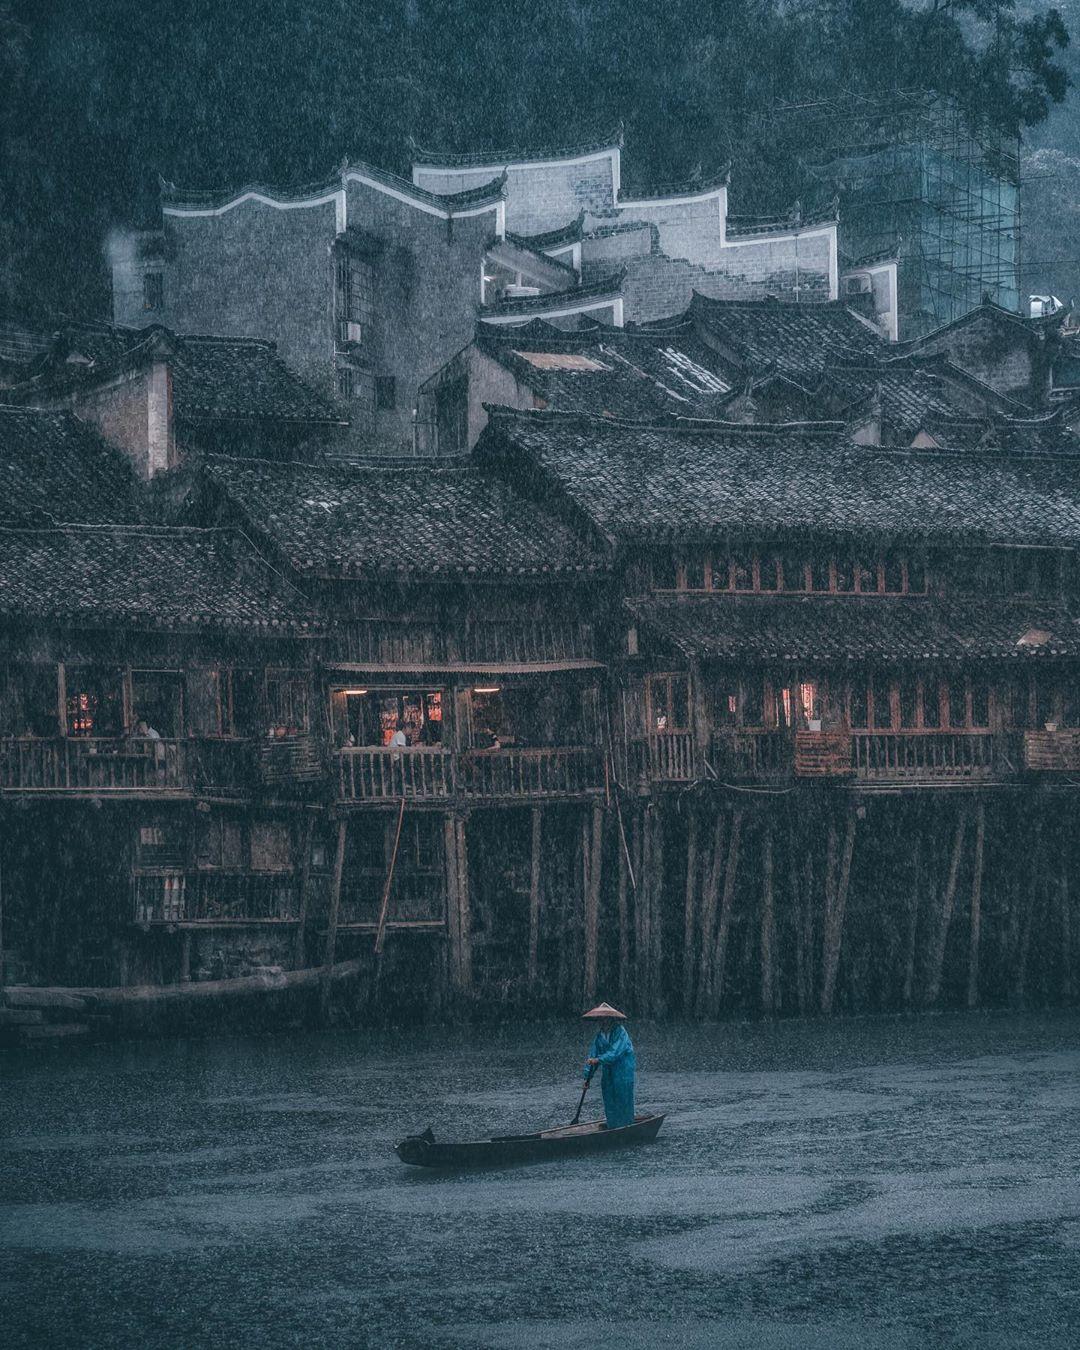 Замечательные городские пейзажи от Чэнь Юй Чэня